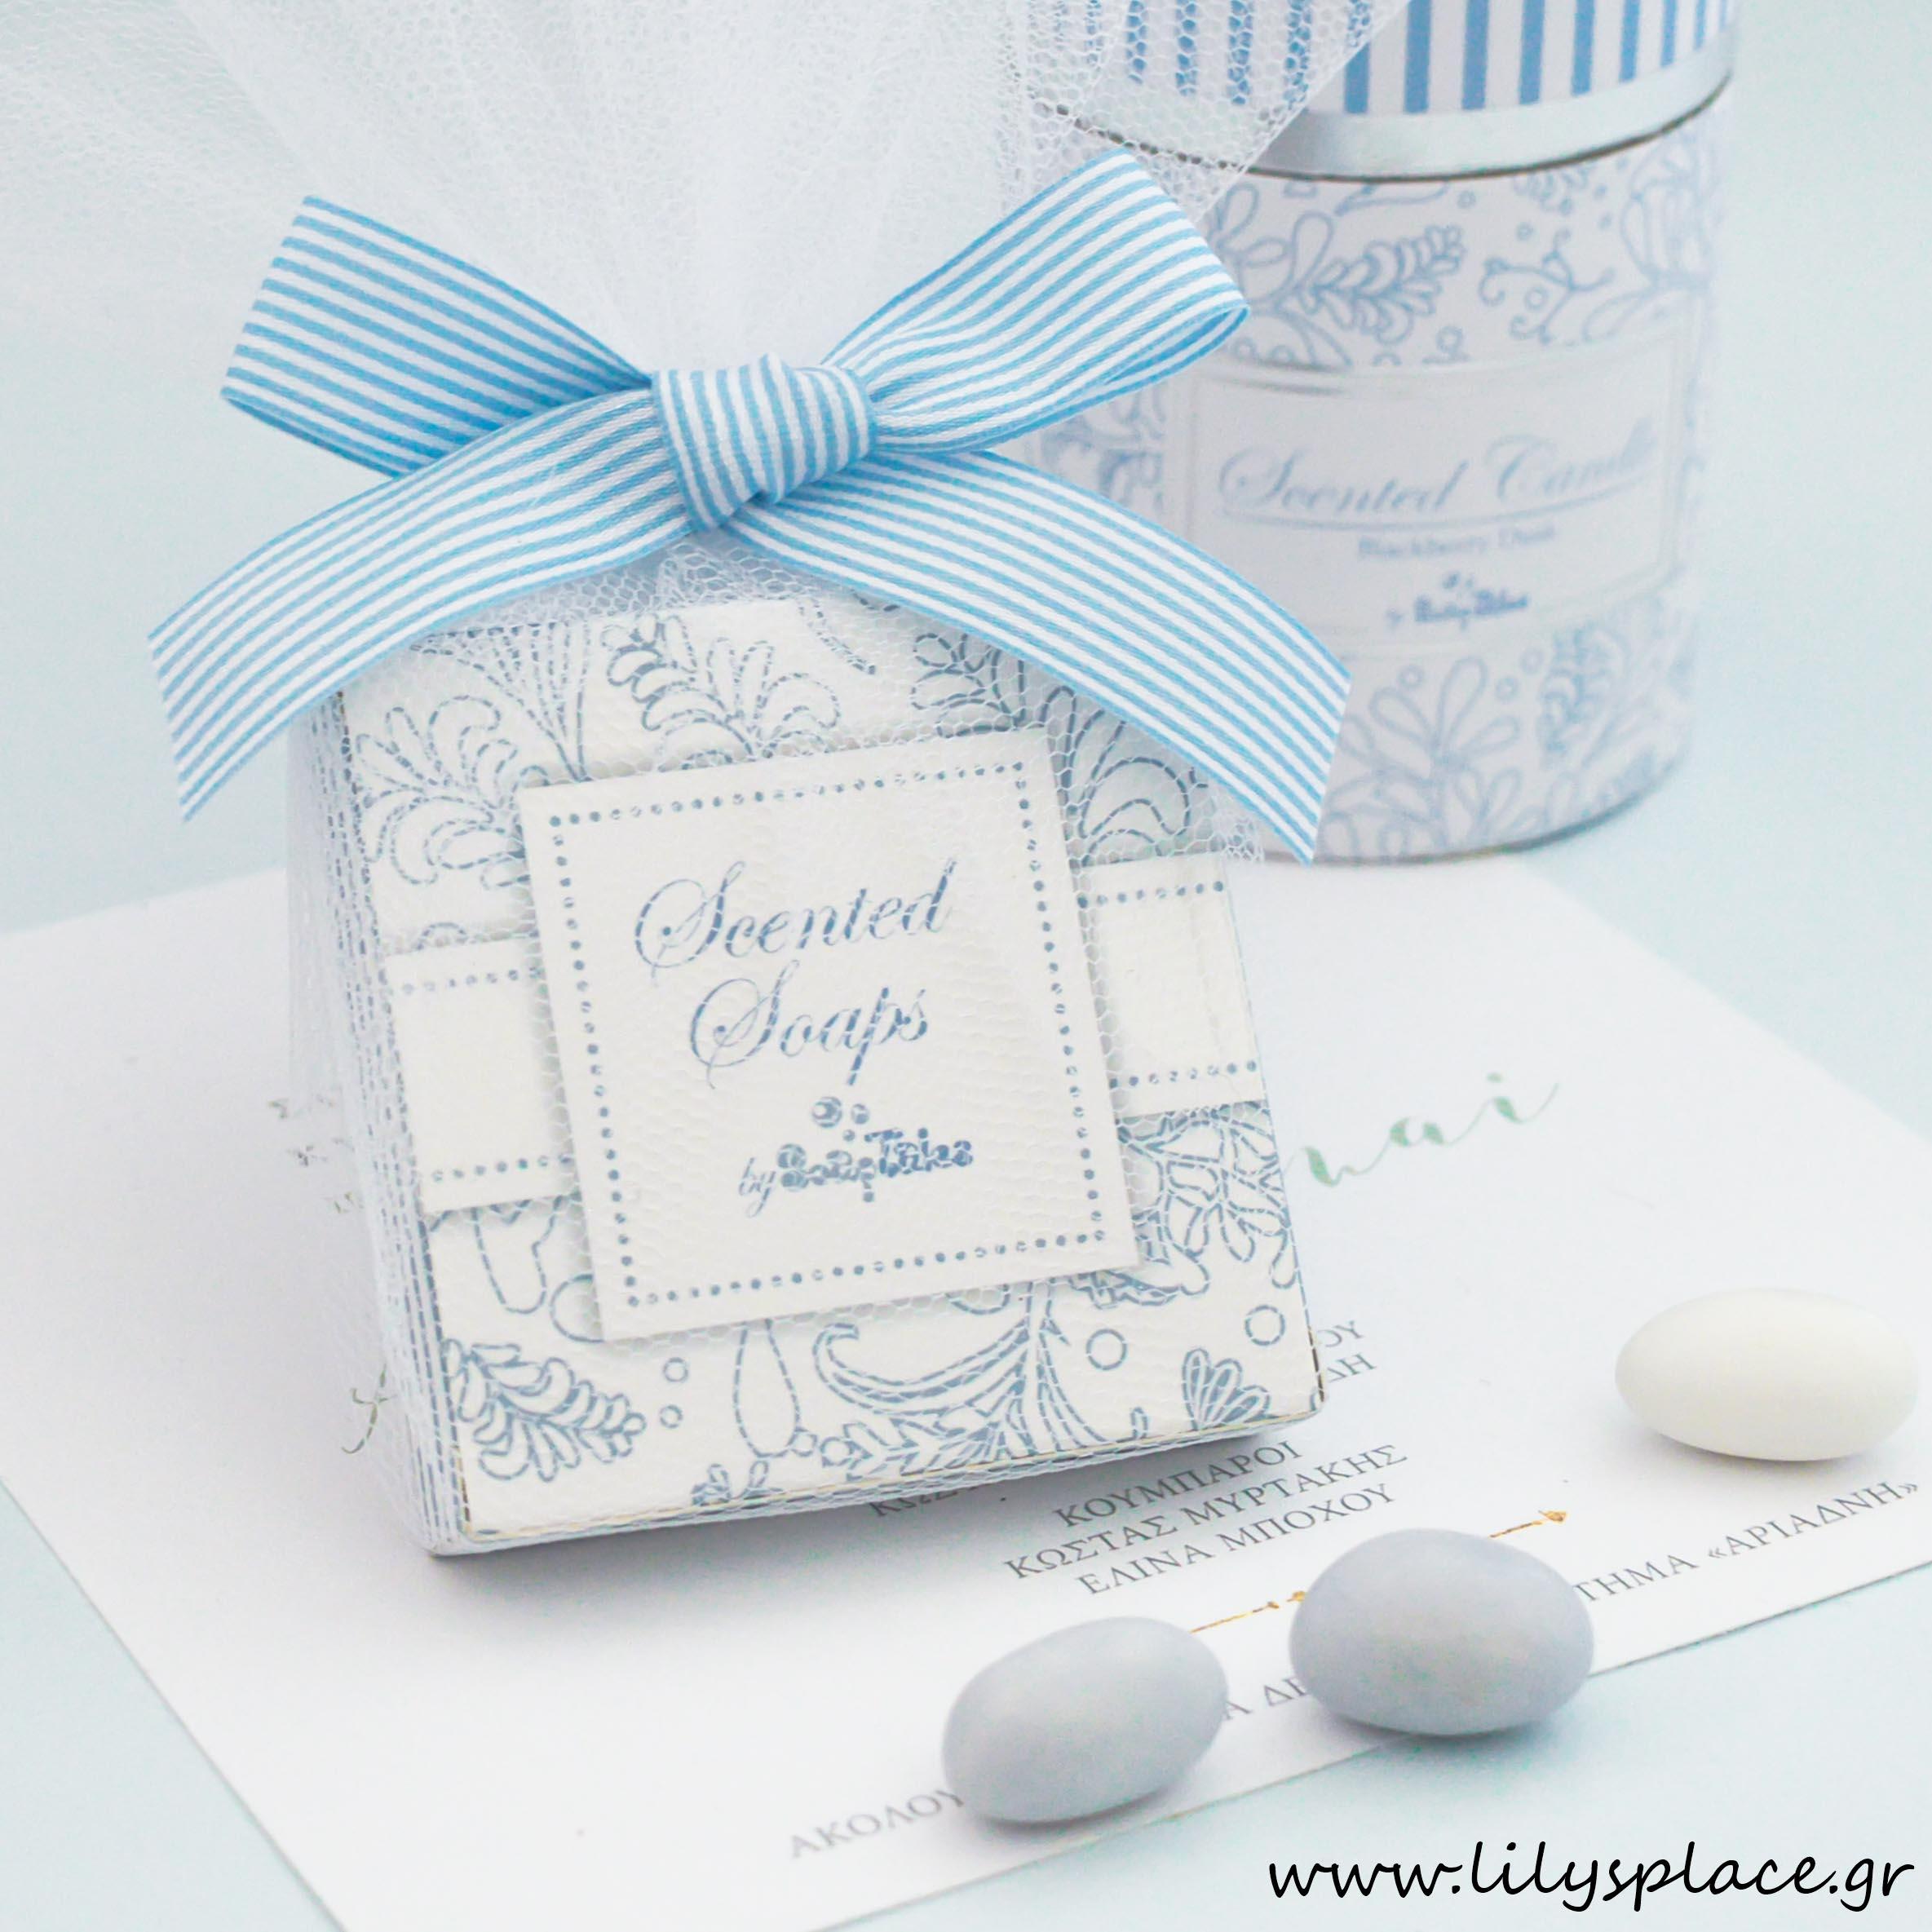 Σαπουνάκι σε κουτάκι elegant blue